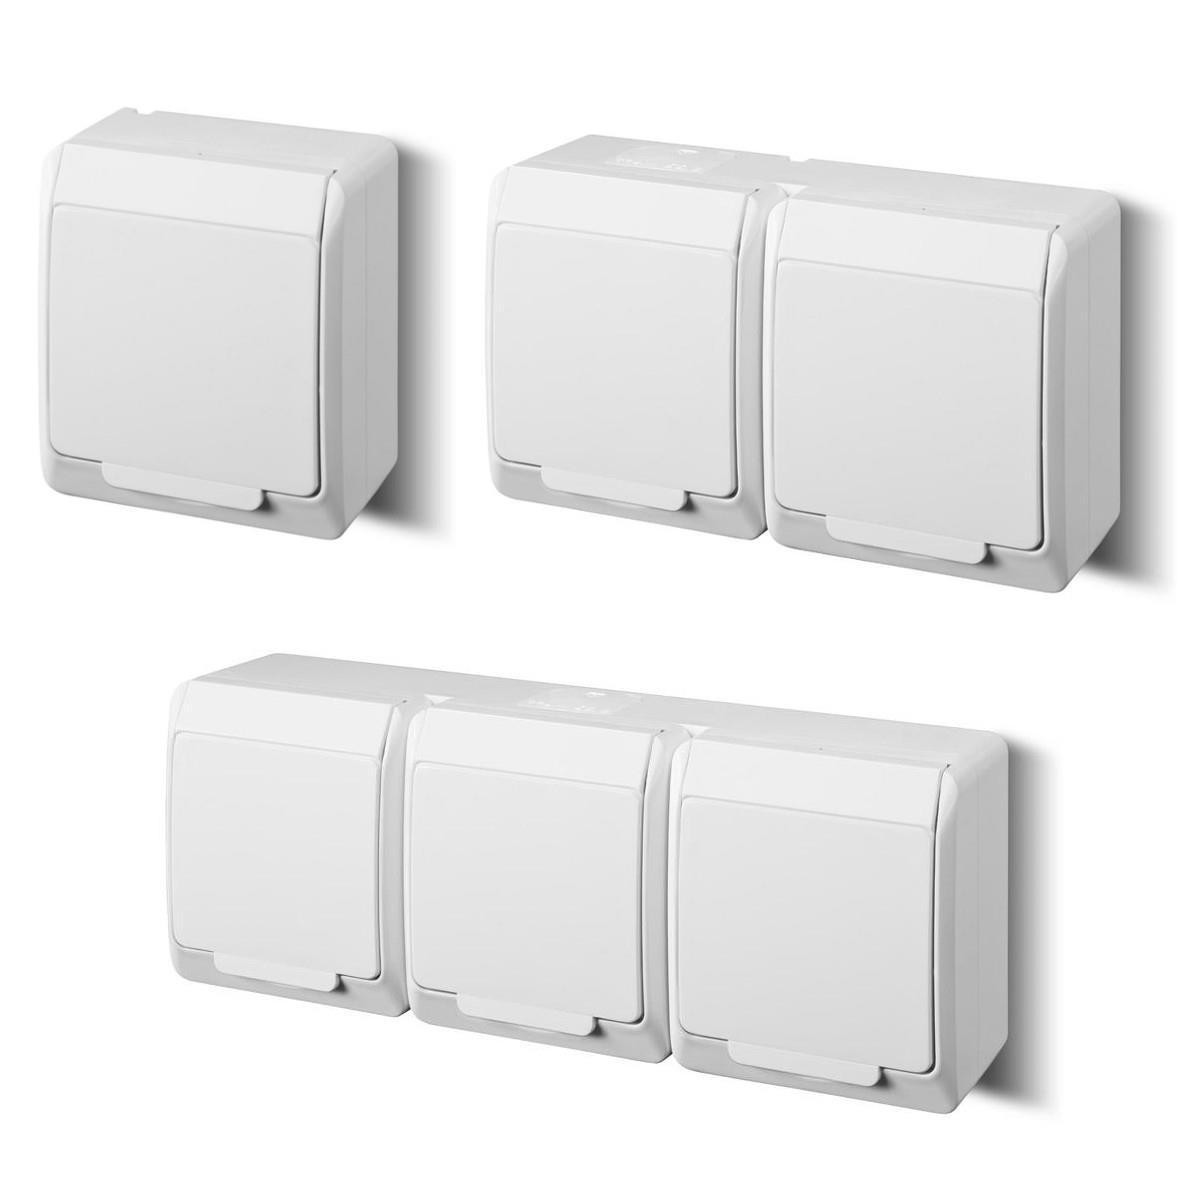 aufputz lichtschalter serienschalter feuchtraum shuko steckdose ip54 serie vika ebay. Black Bedroom Furniture Sets. Home Design Ideas